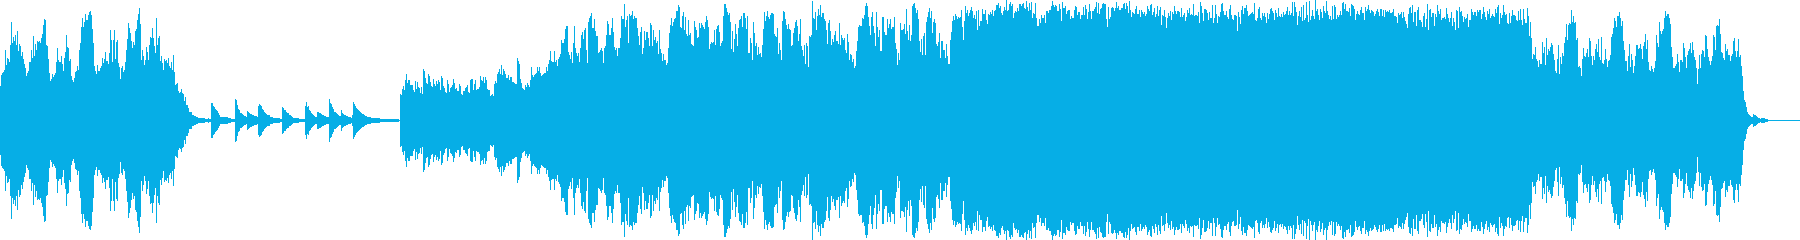 朝露をイメージしたサウンドトラックの再生済みの波形